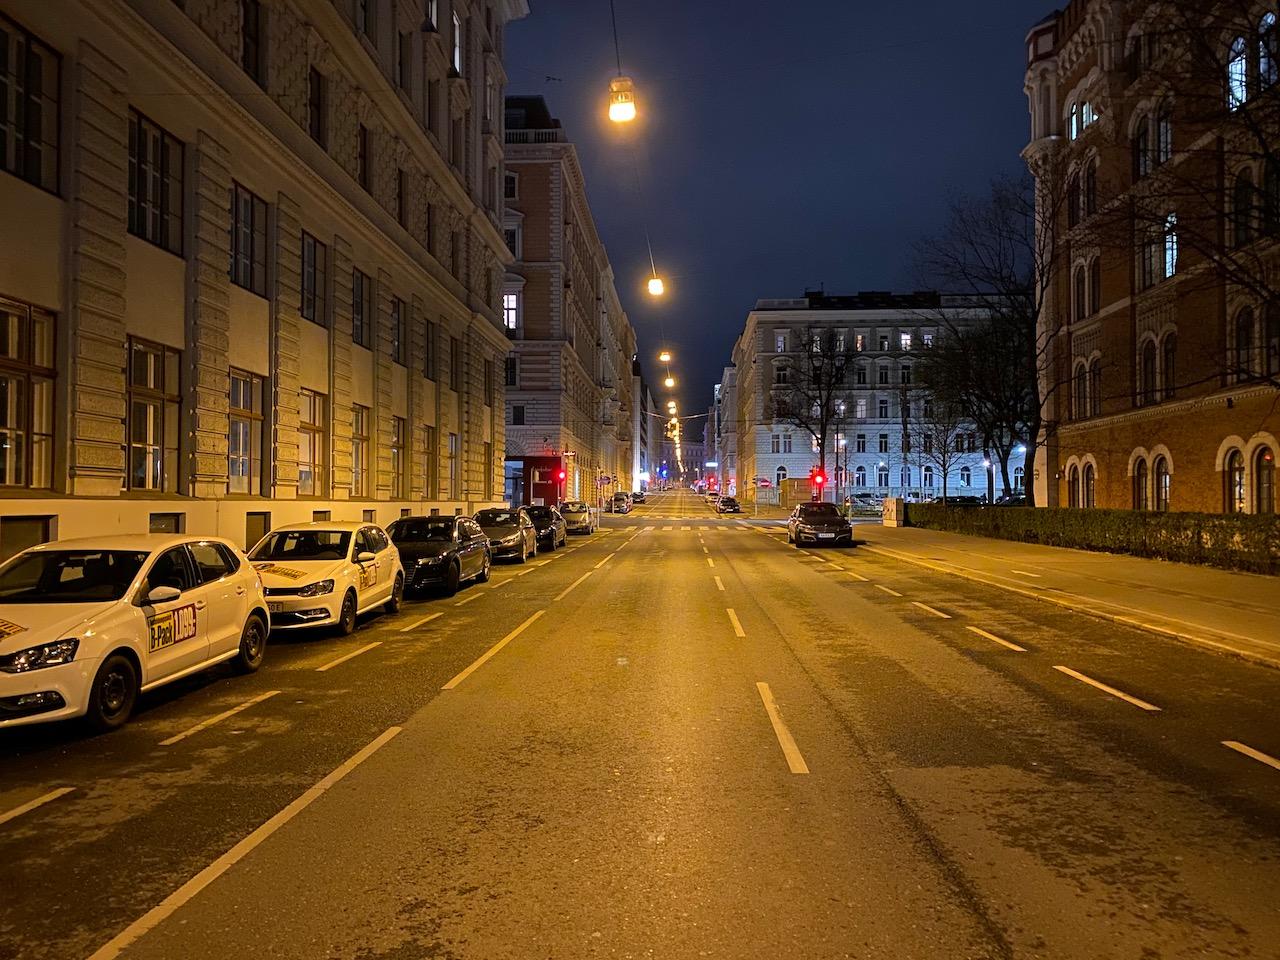 Menschenleere Straße in Wien am 21.3.2020 während der Coronapandemie